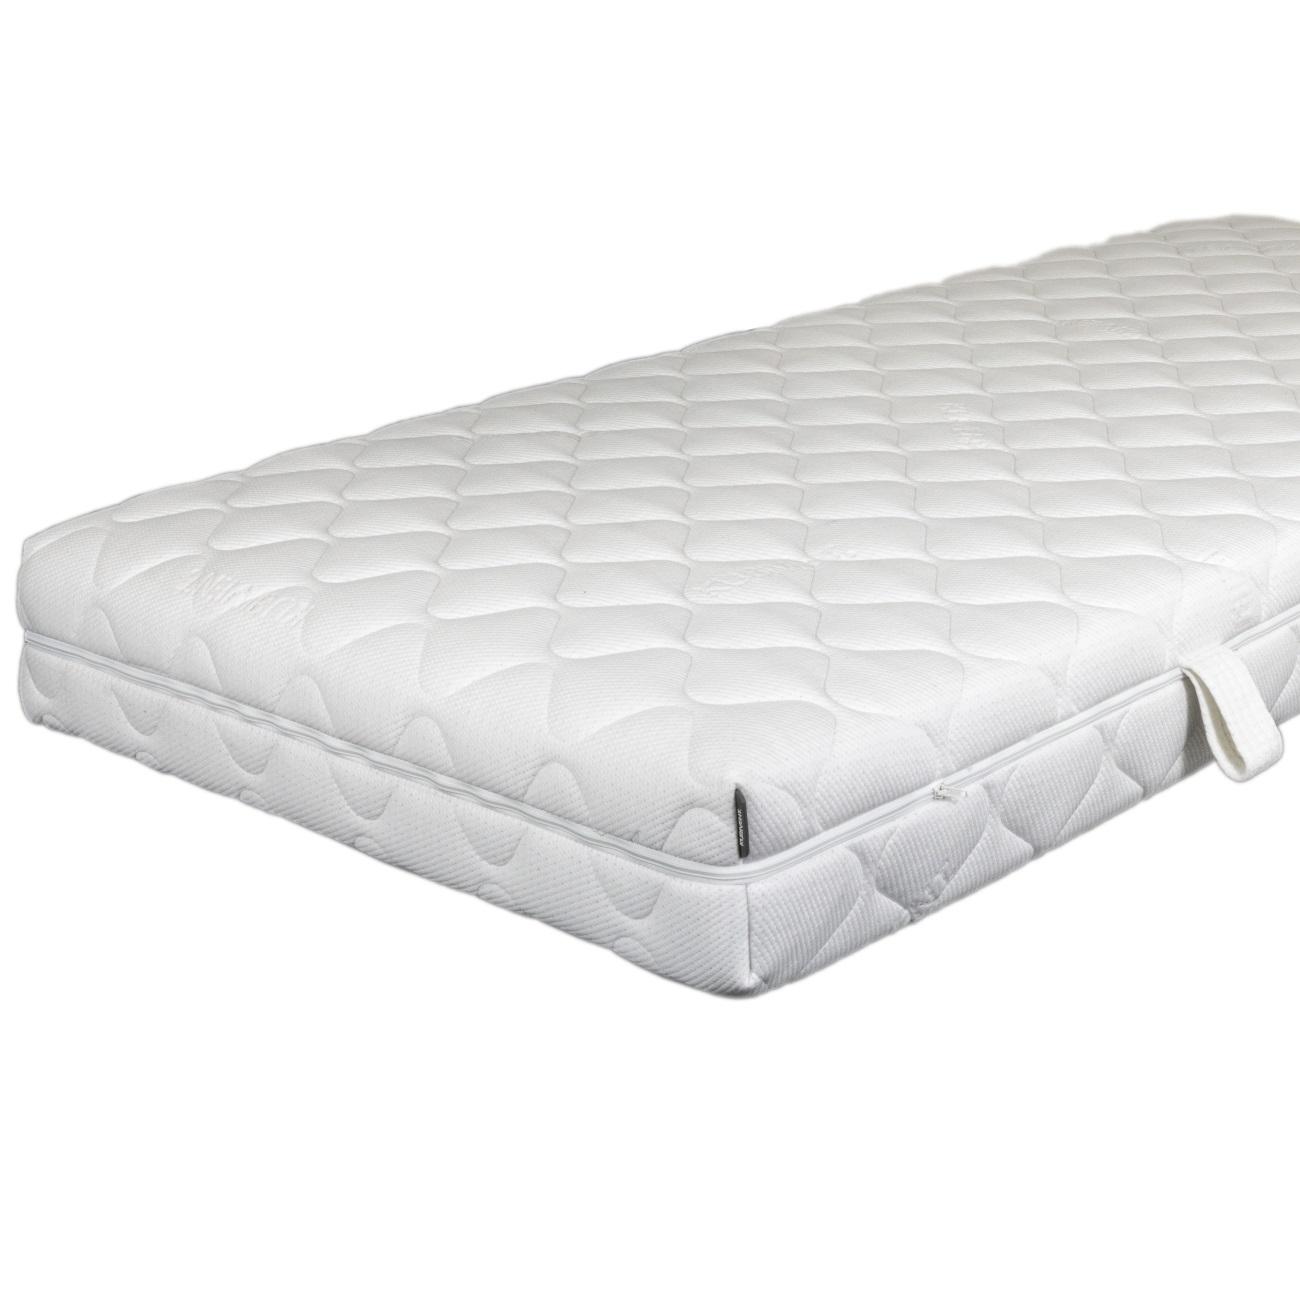 awesome innovative matratze fur doppelbett erlaubt eine, Schlafzimmer entwurf